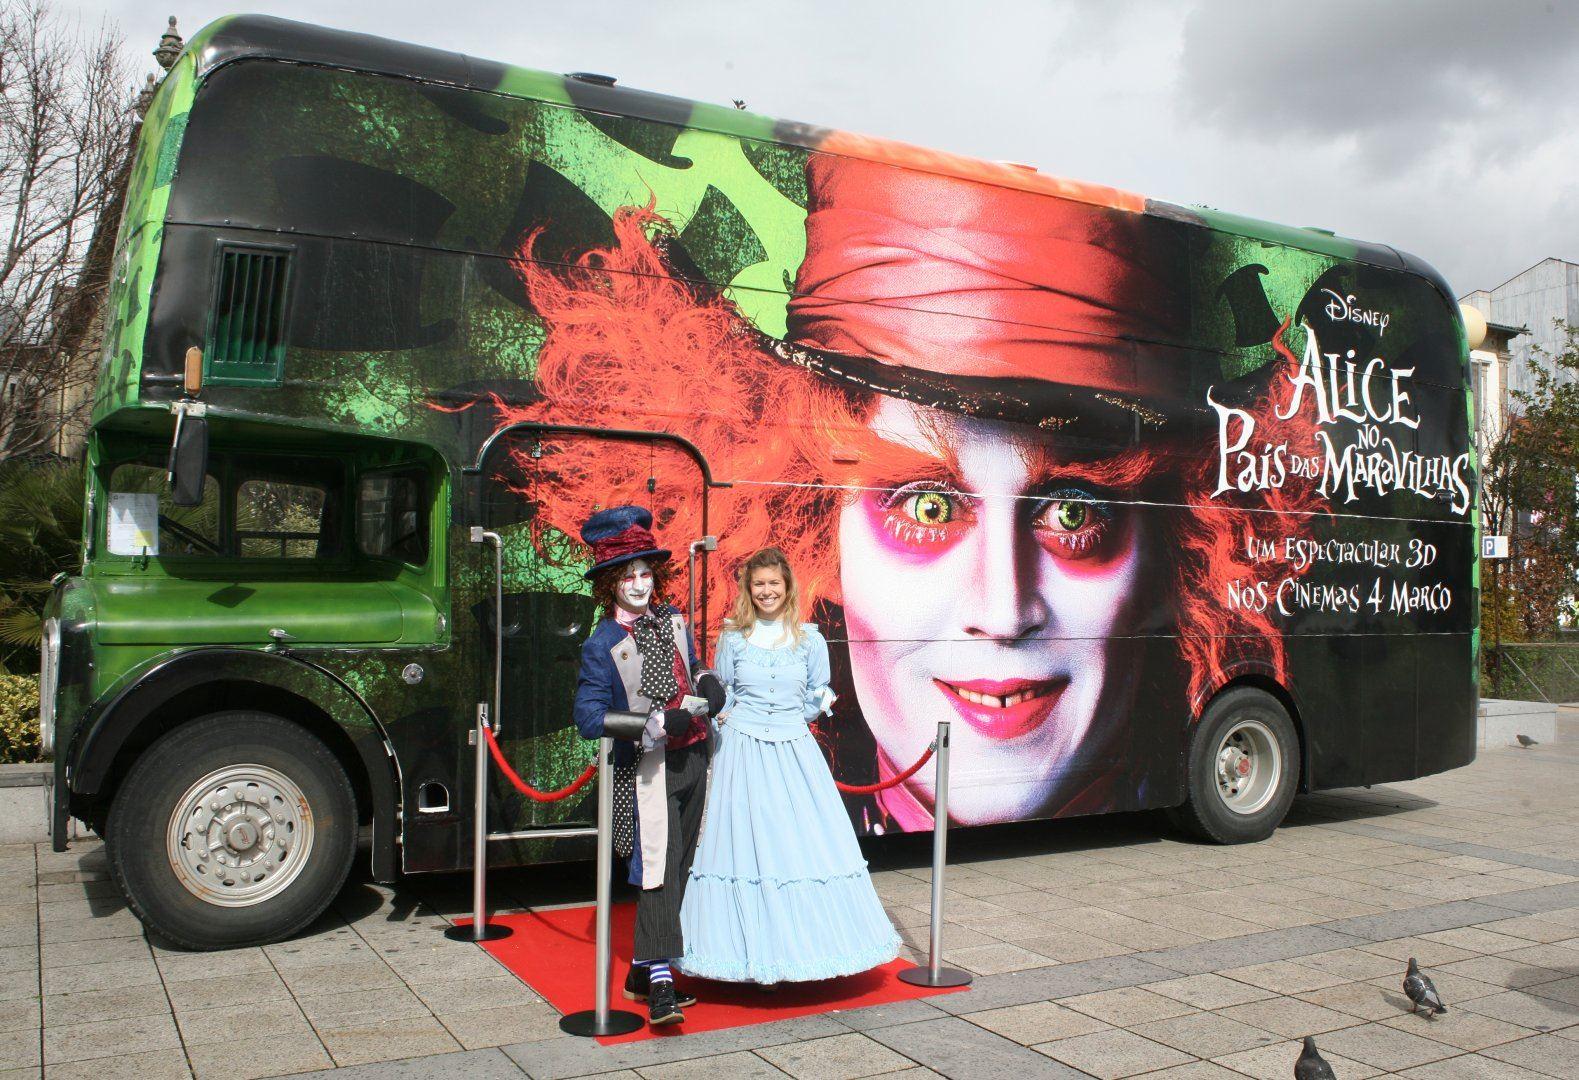 Bus inglés Disney